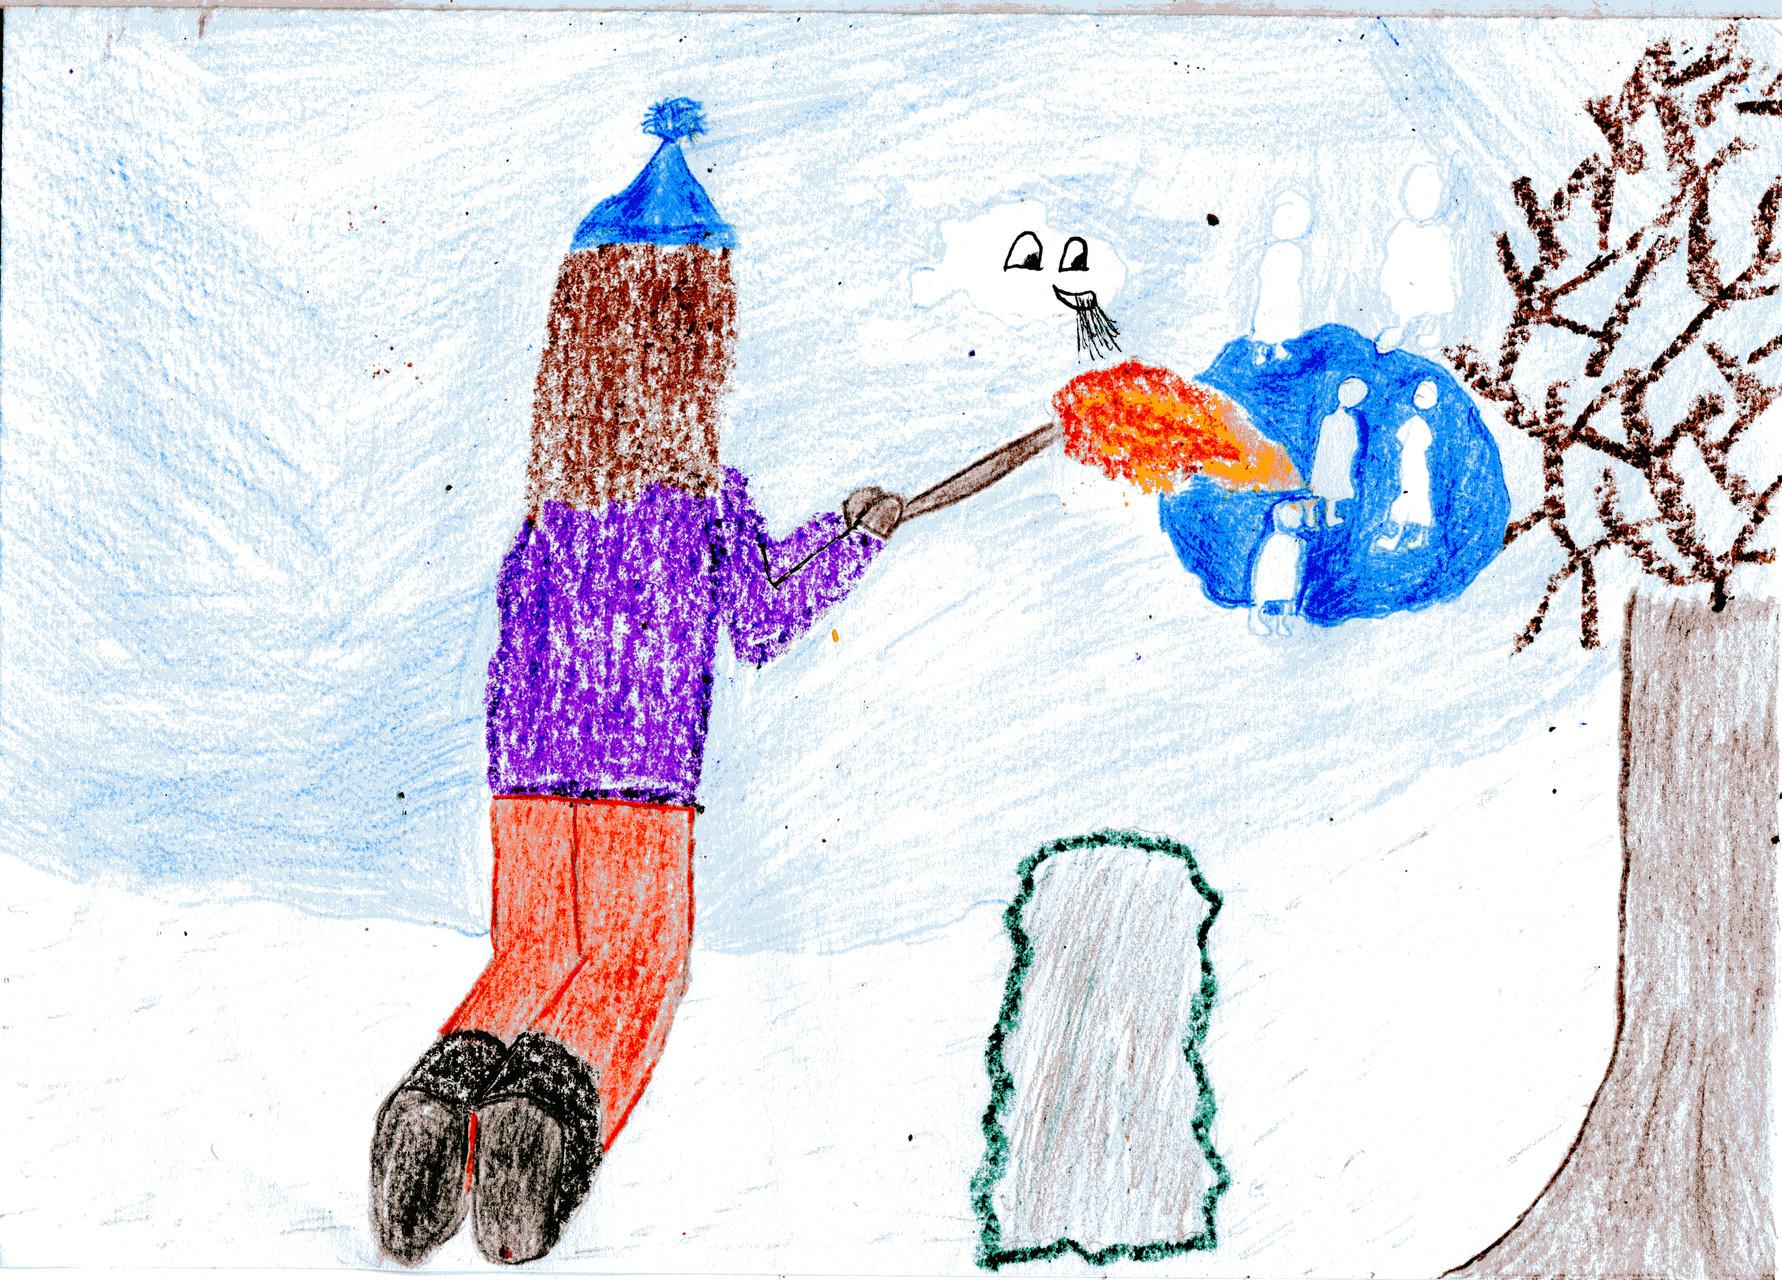 Dorothea und Sausewind tauen das Eis auf